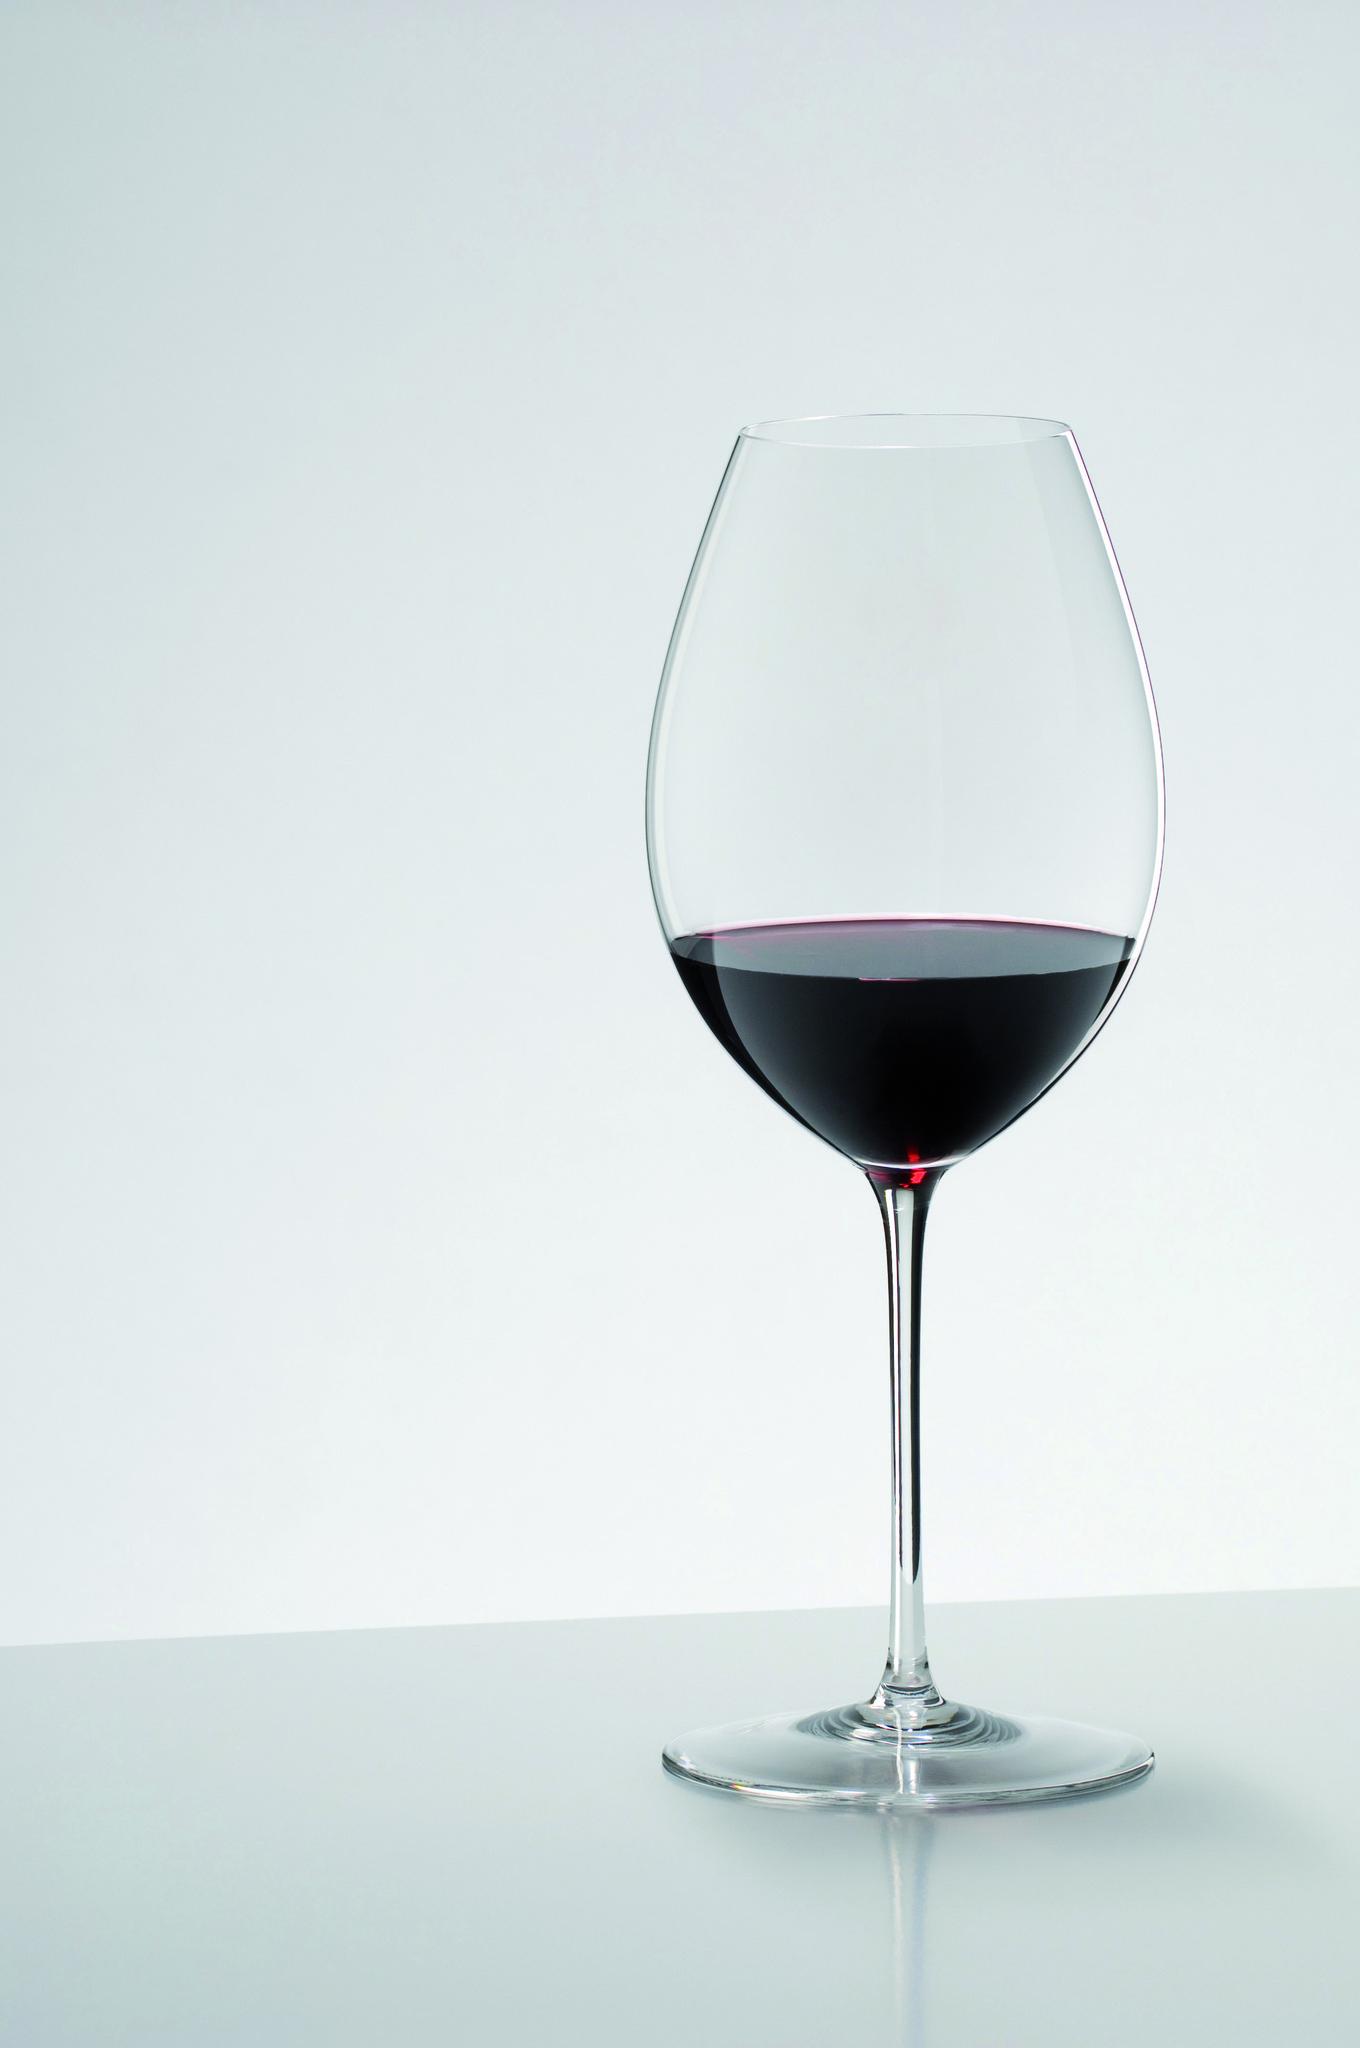 Бокалы Бокал для красного вина 620мл Riedel Sommeliers Tinto Reserva bokal-dlya-krasnogo-vina-620-ml-riedel-tinto-reserva-avstriya.jpg